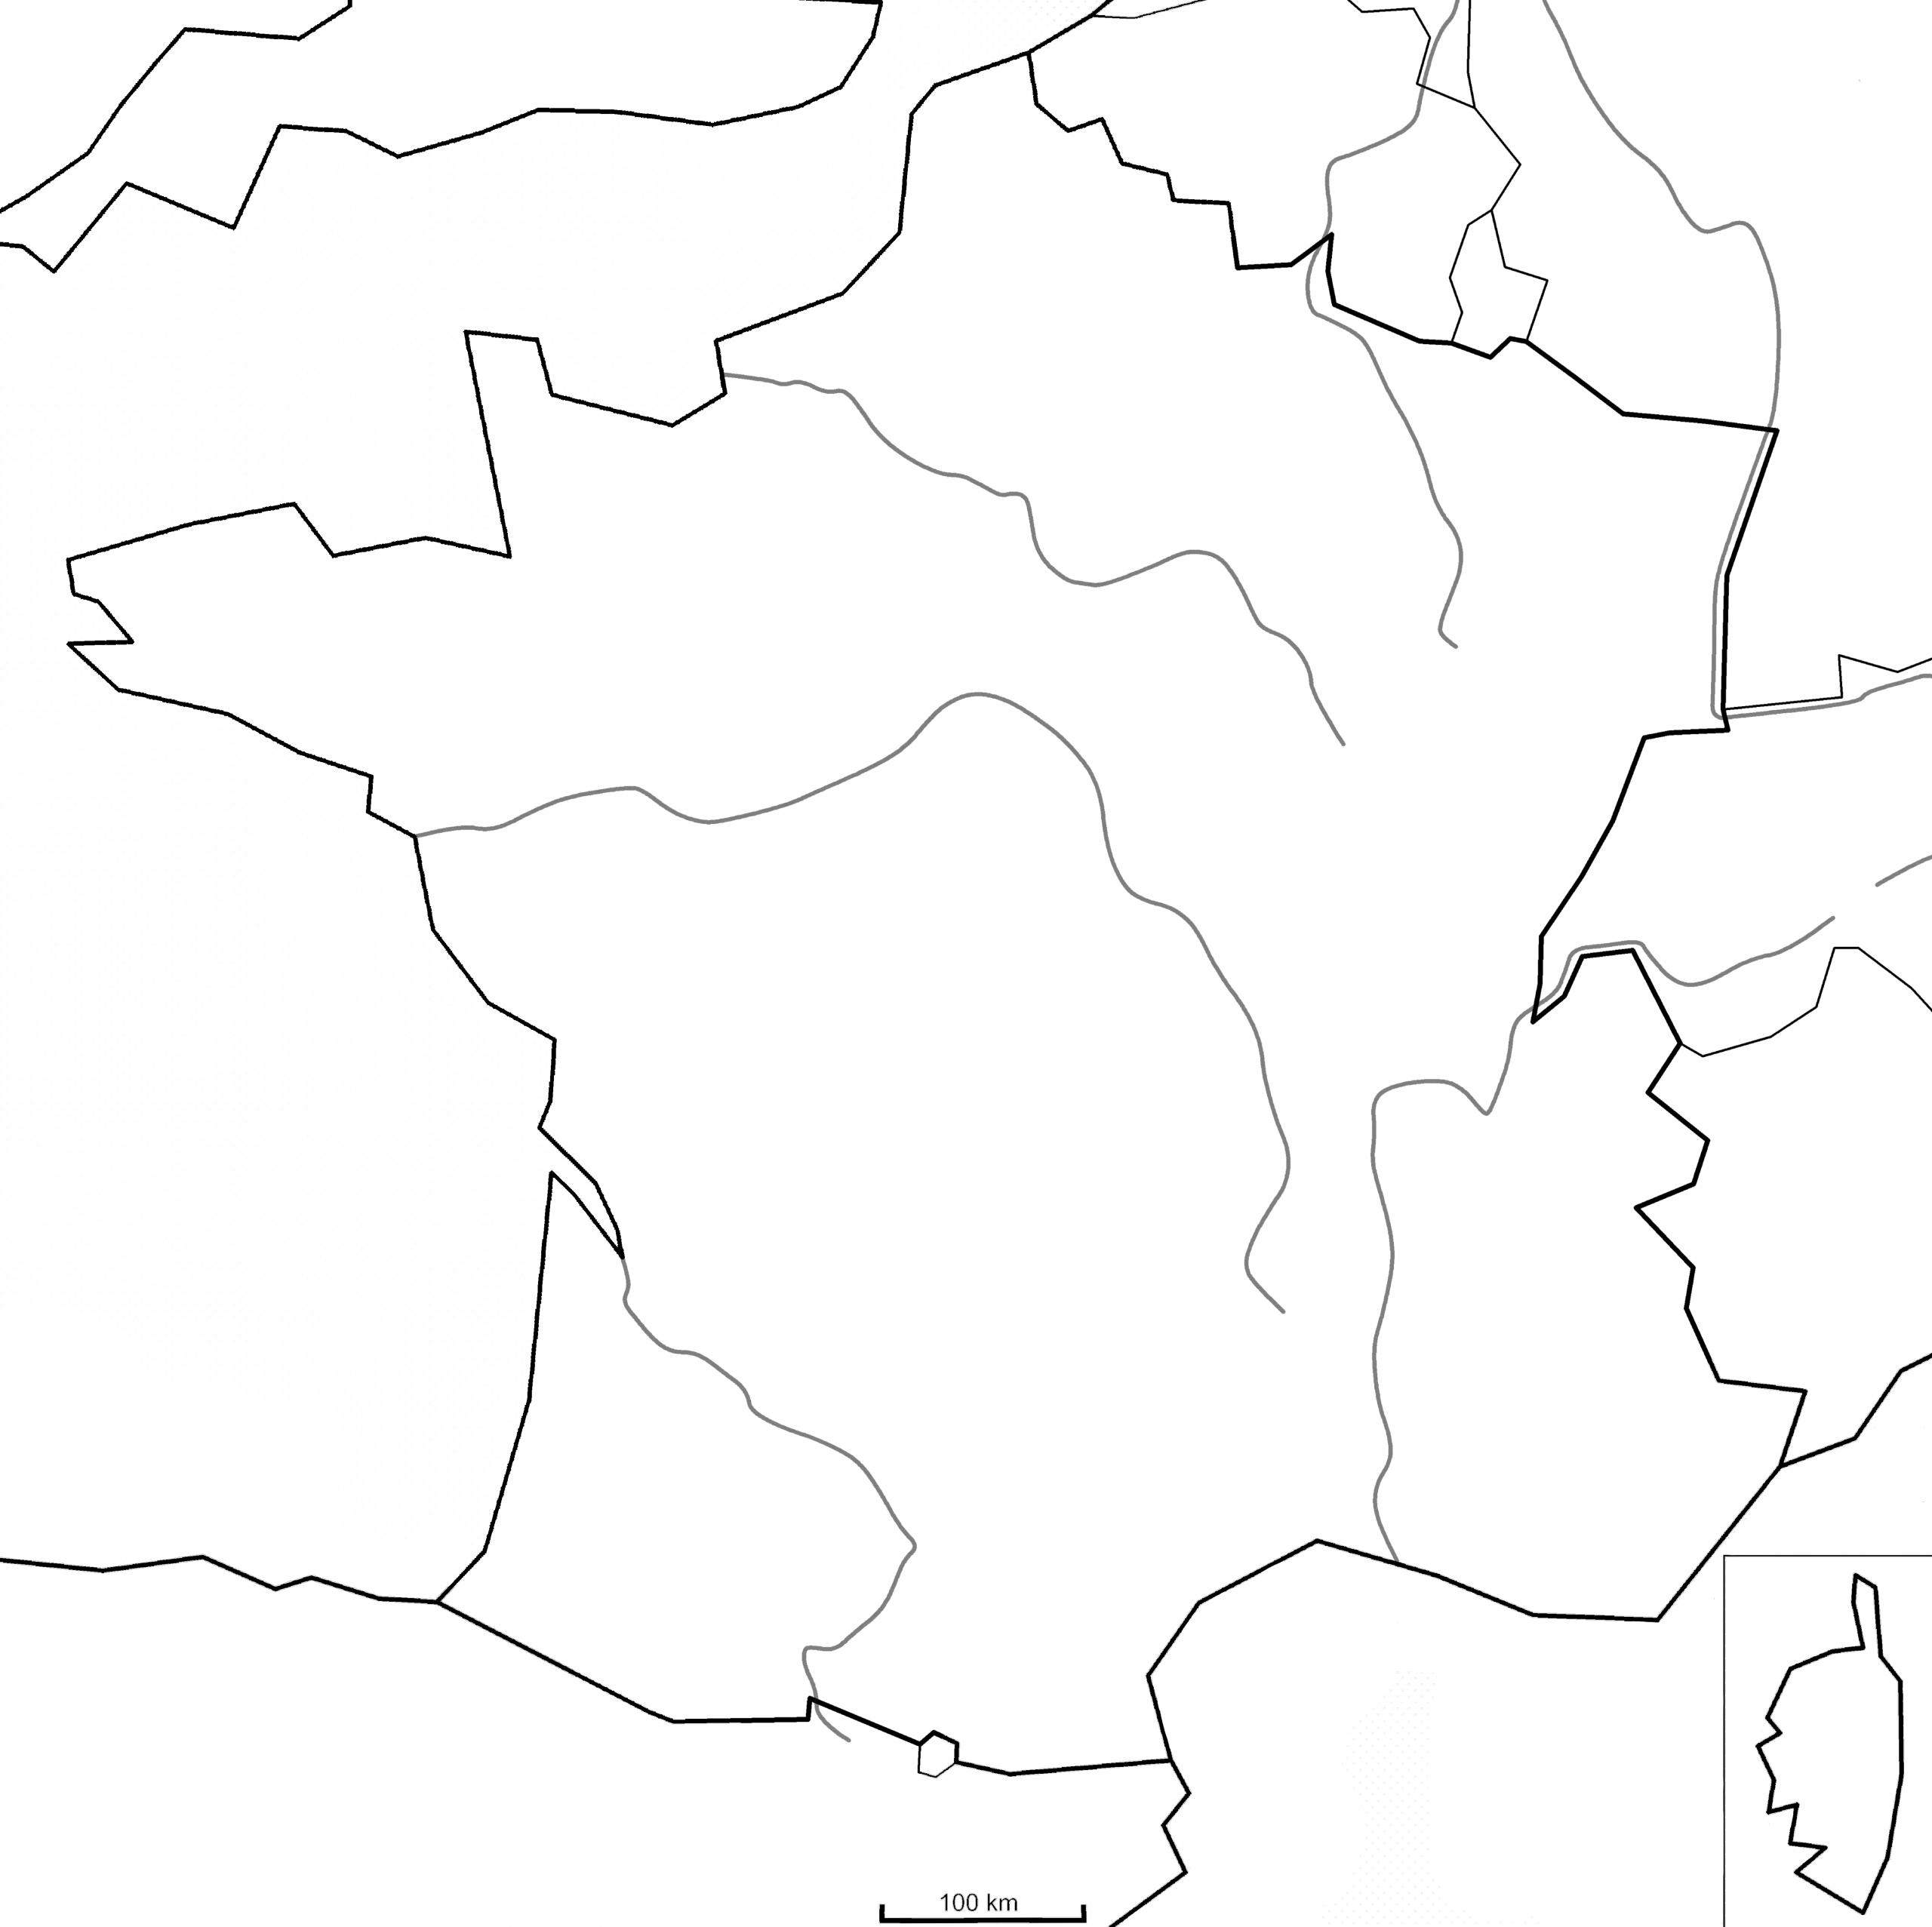 Les Principaux Fleuves De France - Montessori Etcie pour Carte Des Fleuves De France